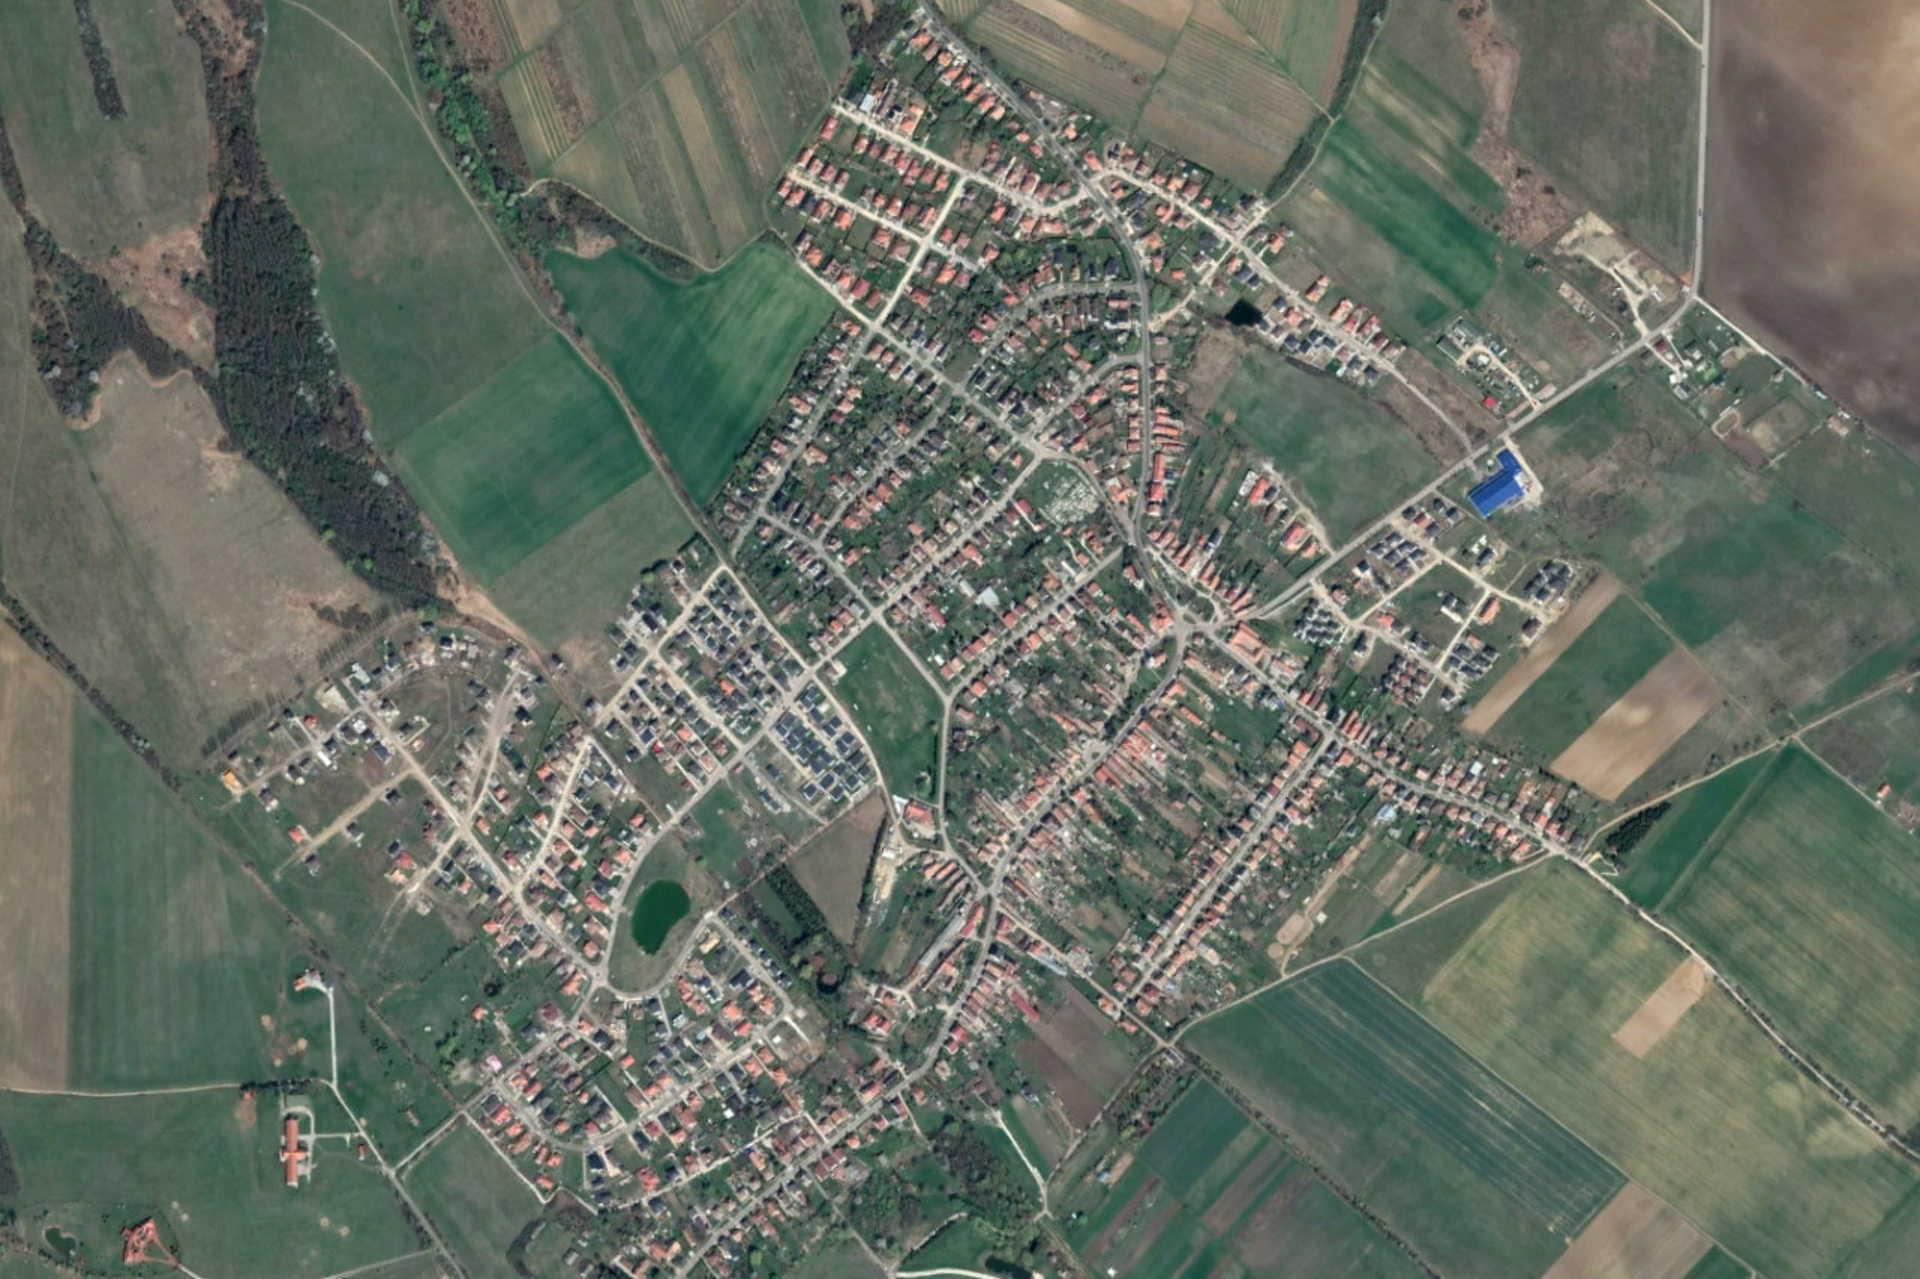 Harka egy 2019-es műholdképen